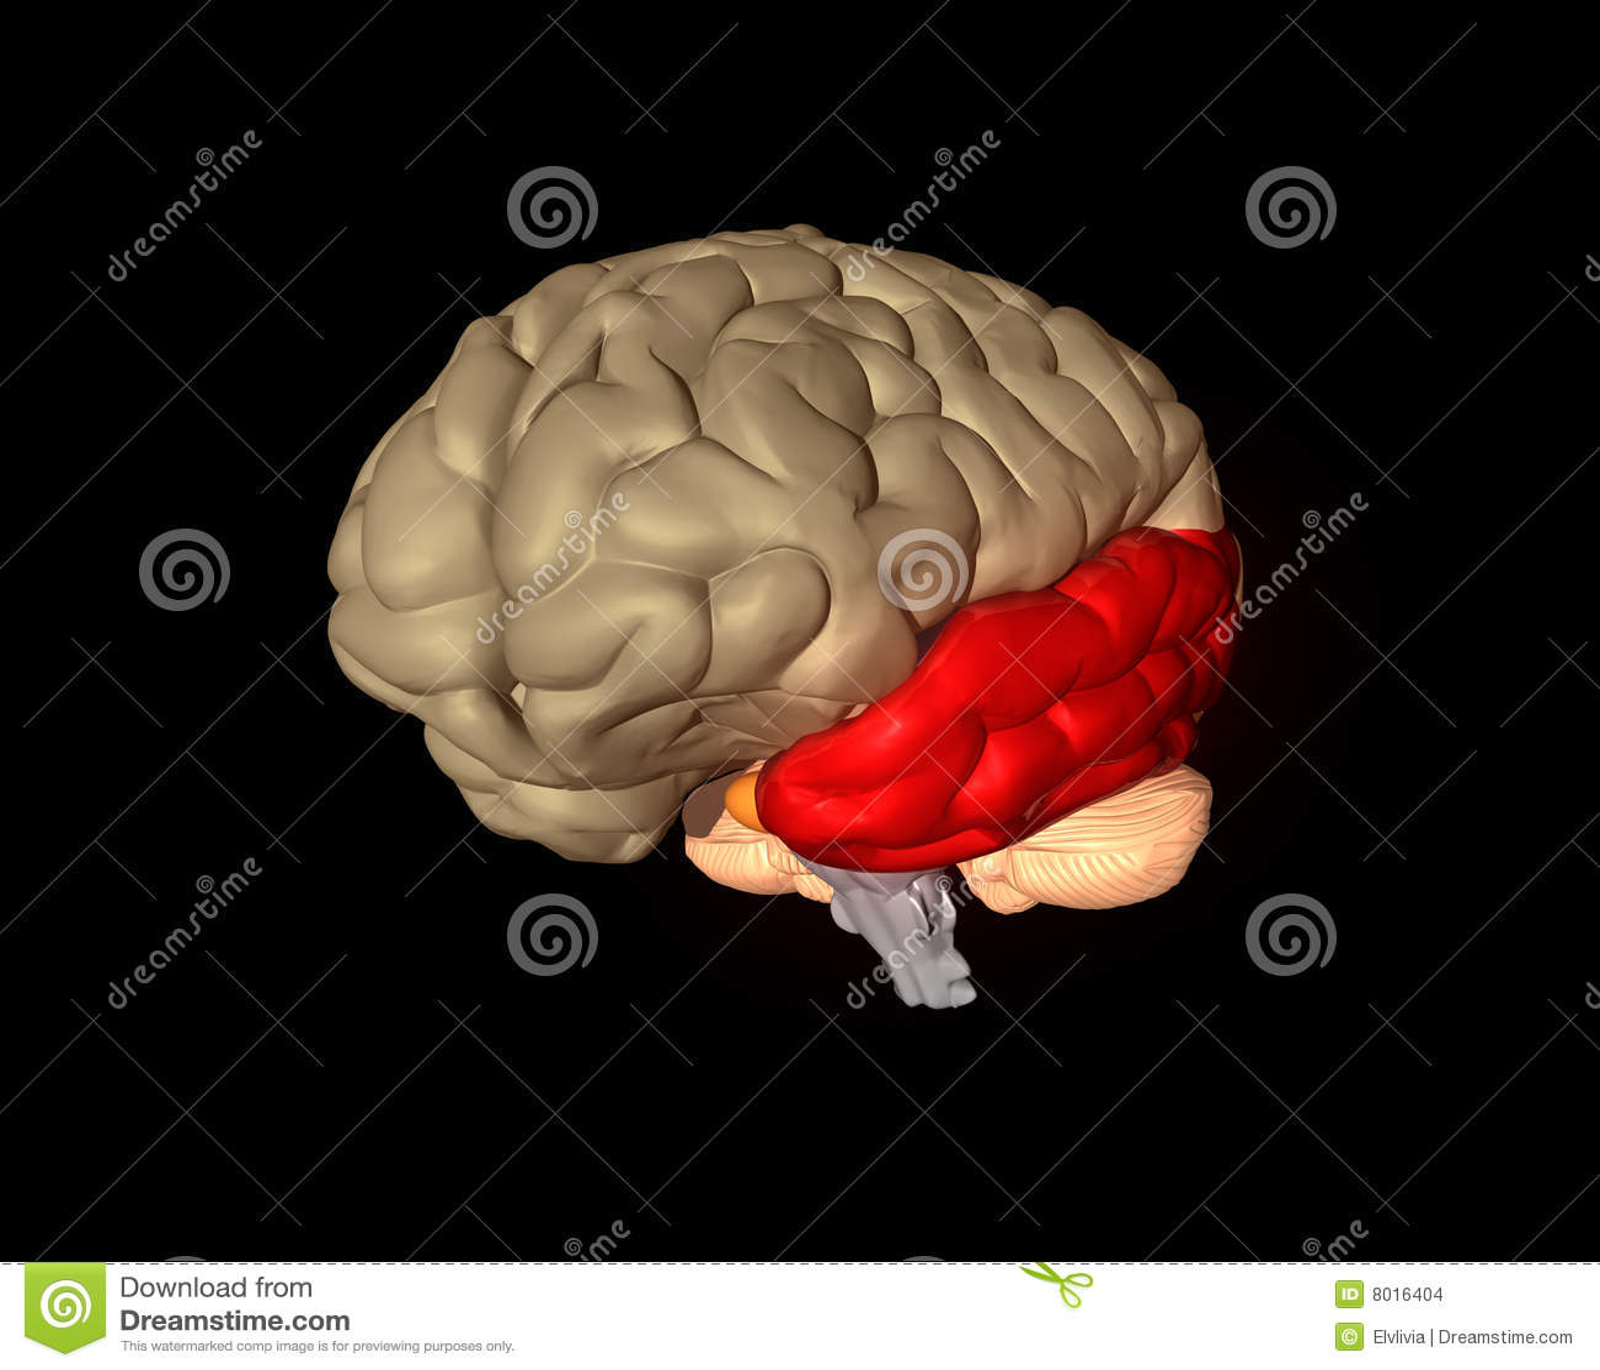 Lóbulo parietal stock de ilustración. Ilustración de cerebros - 8016302